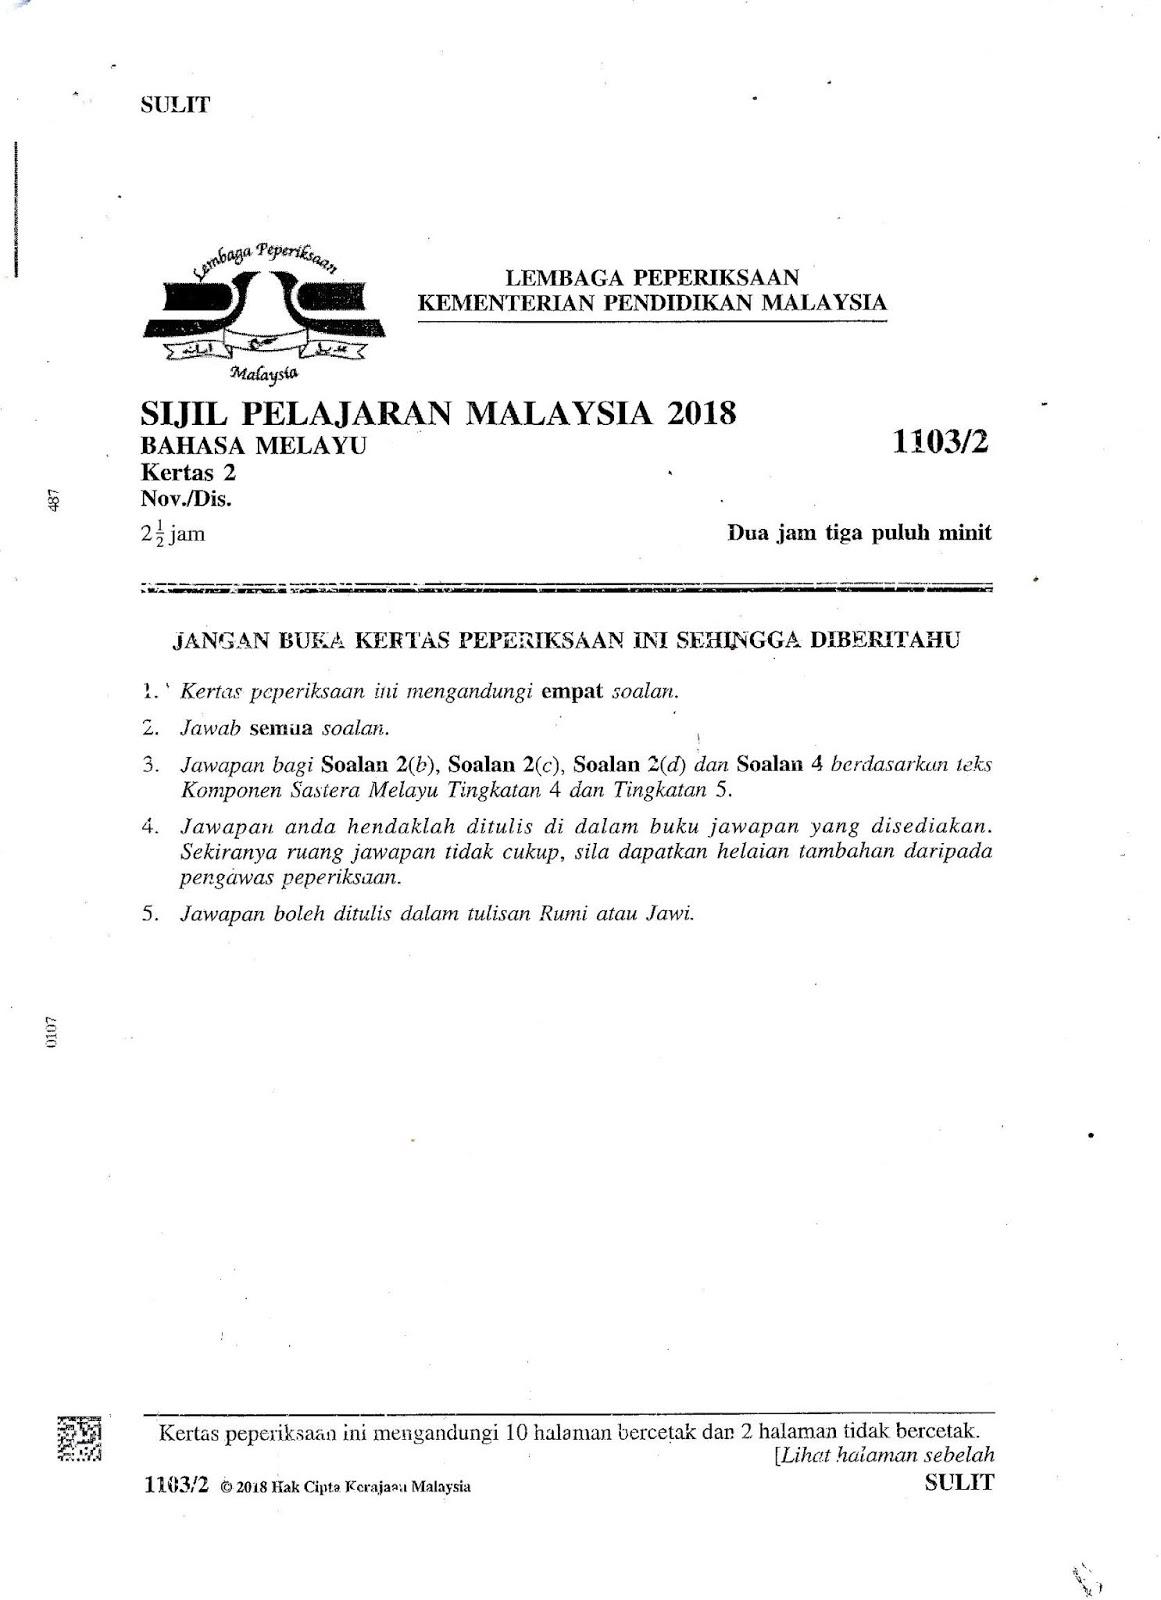 laman bahasa melayu spm soalan kertas bahasa melayu 2 1103 2 spm 2018 laman bahasa melayu spm soalan kertas